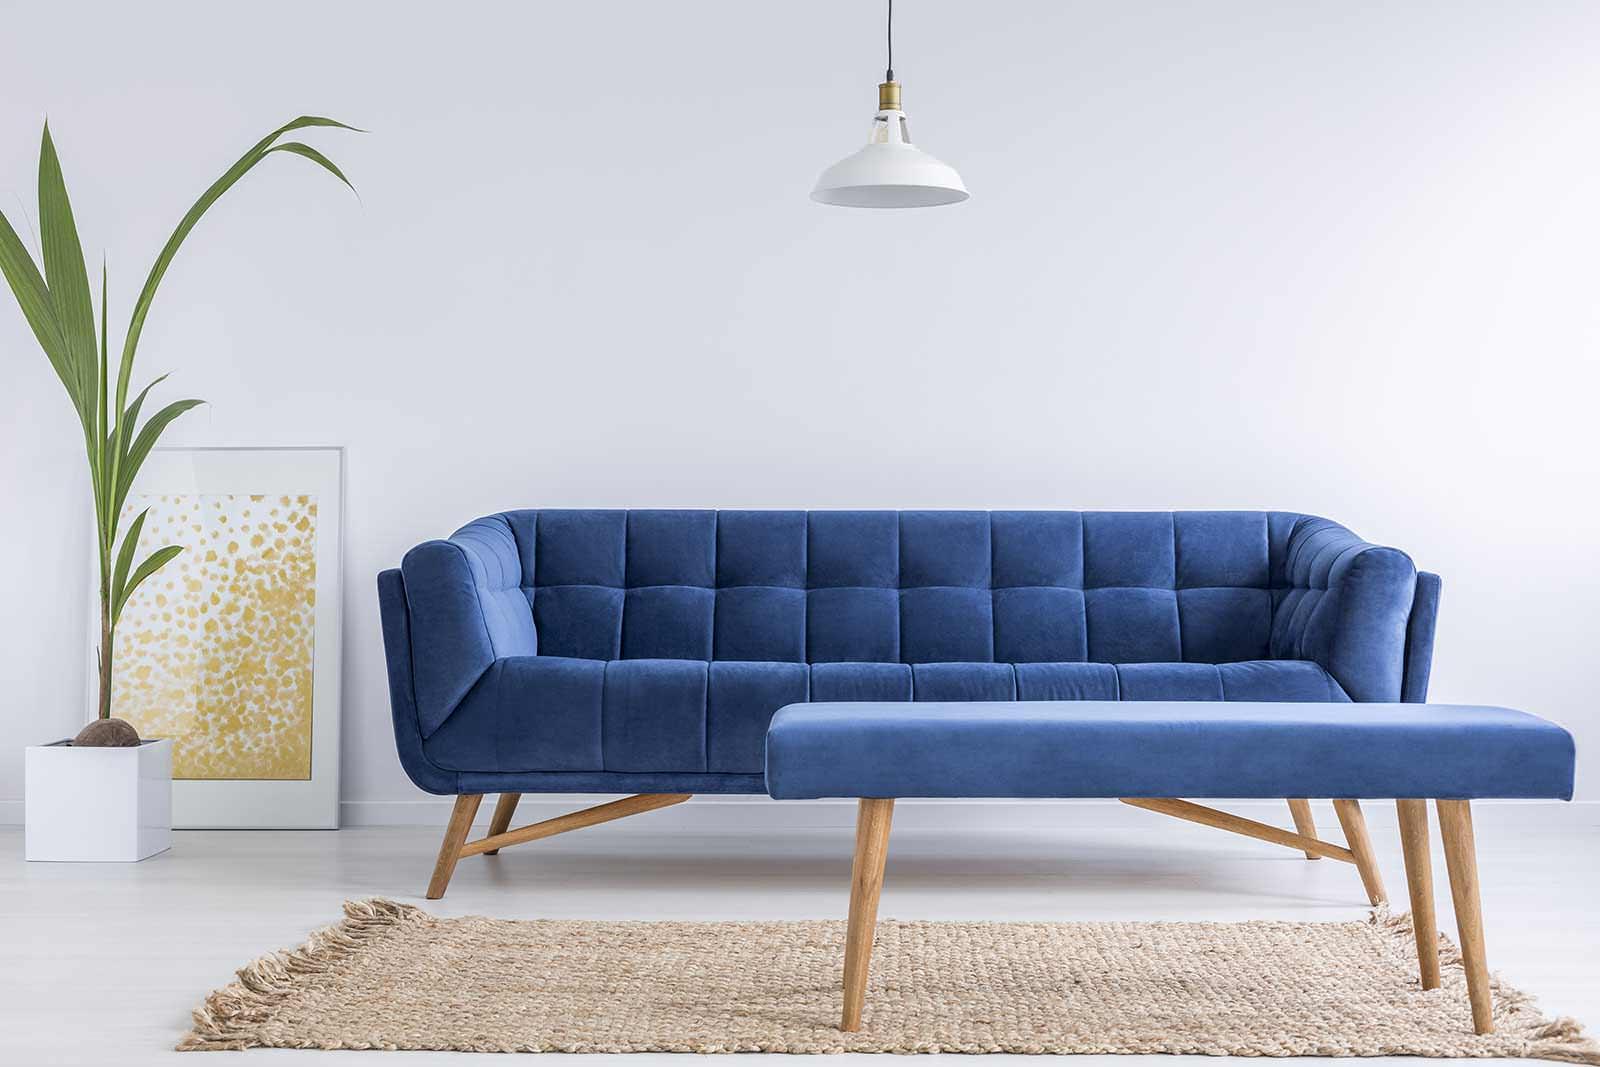 modrá pohovka v interiéri